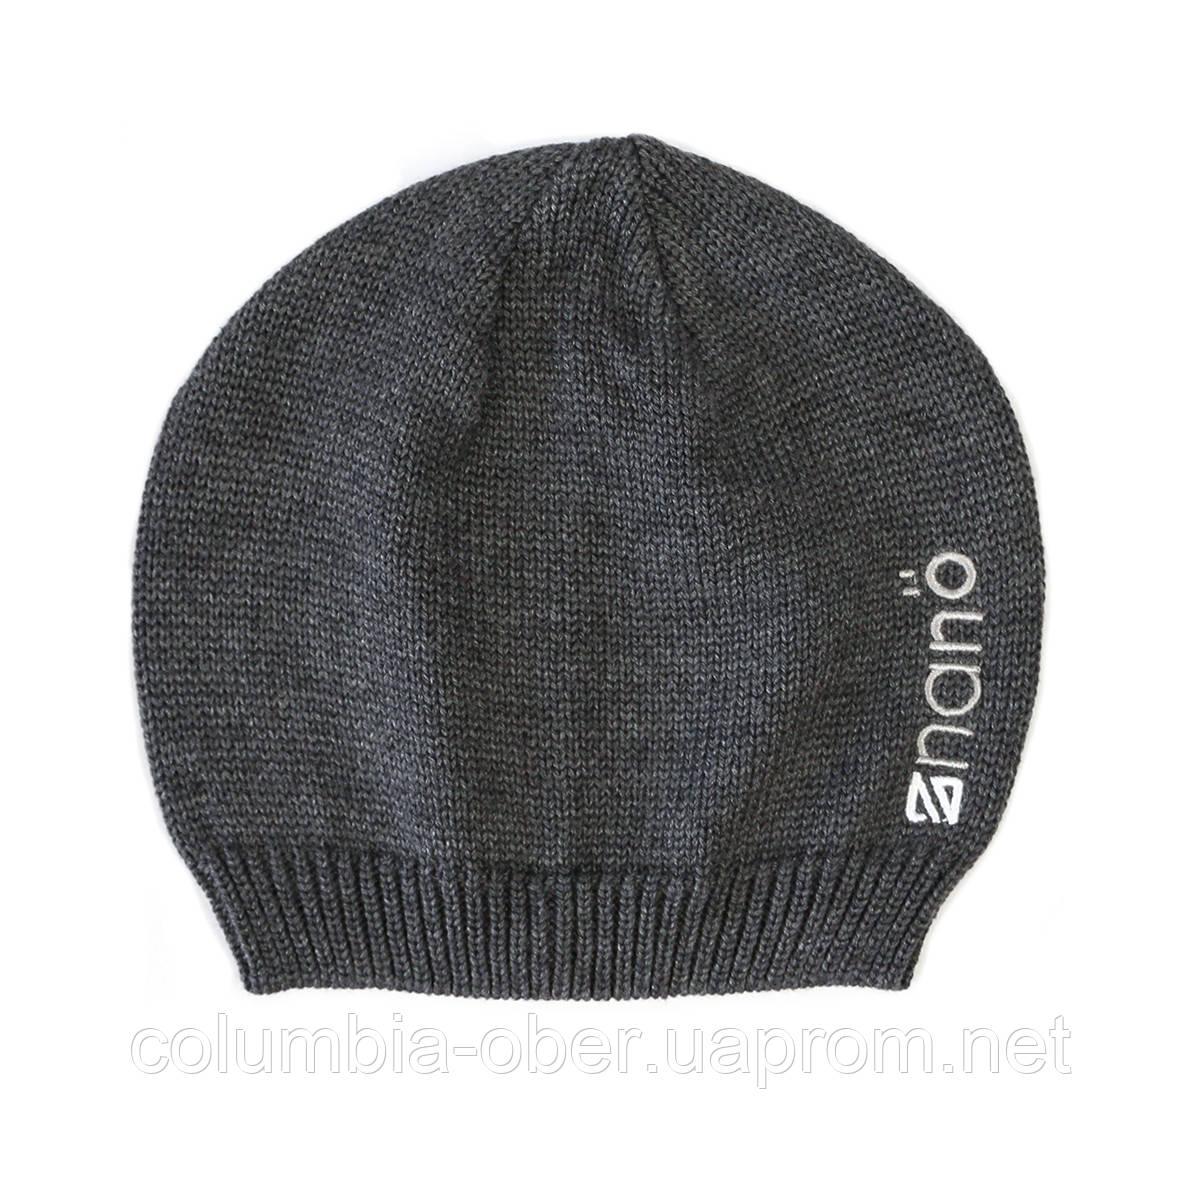 Демисезонная шапка  для мальчика  NANO 200 BTUT S17 Dark Grey Mix. Р-р  2/4х - 7/12.